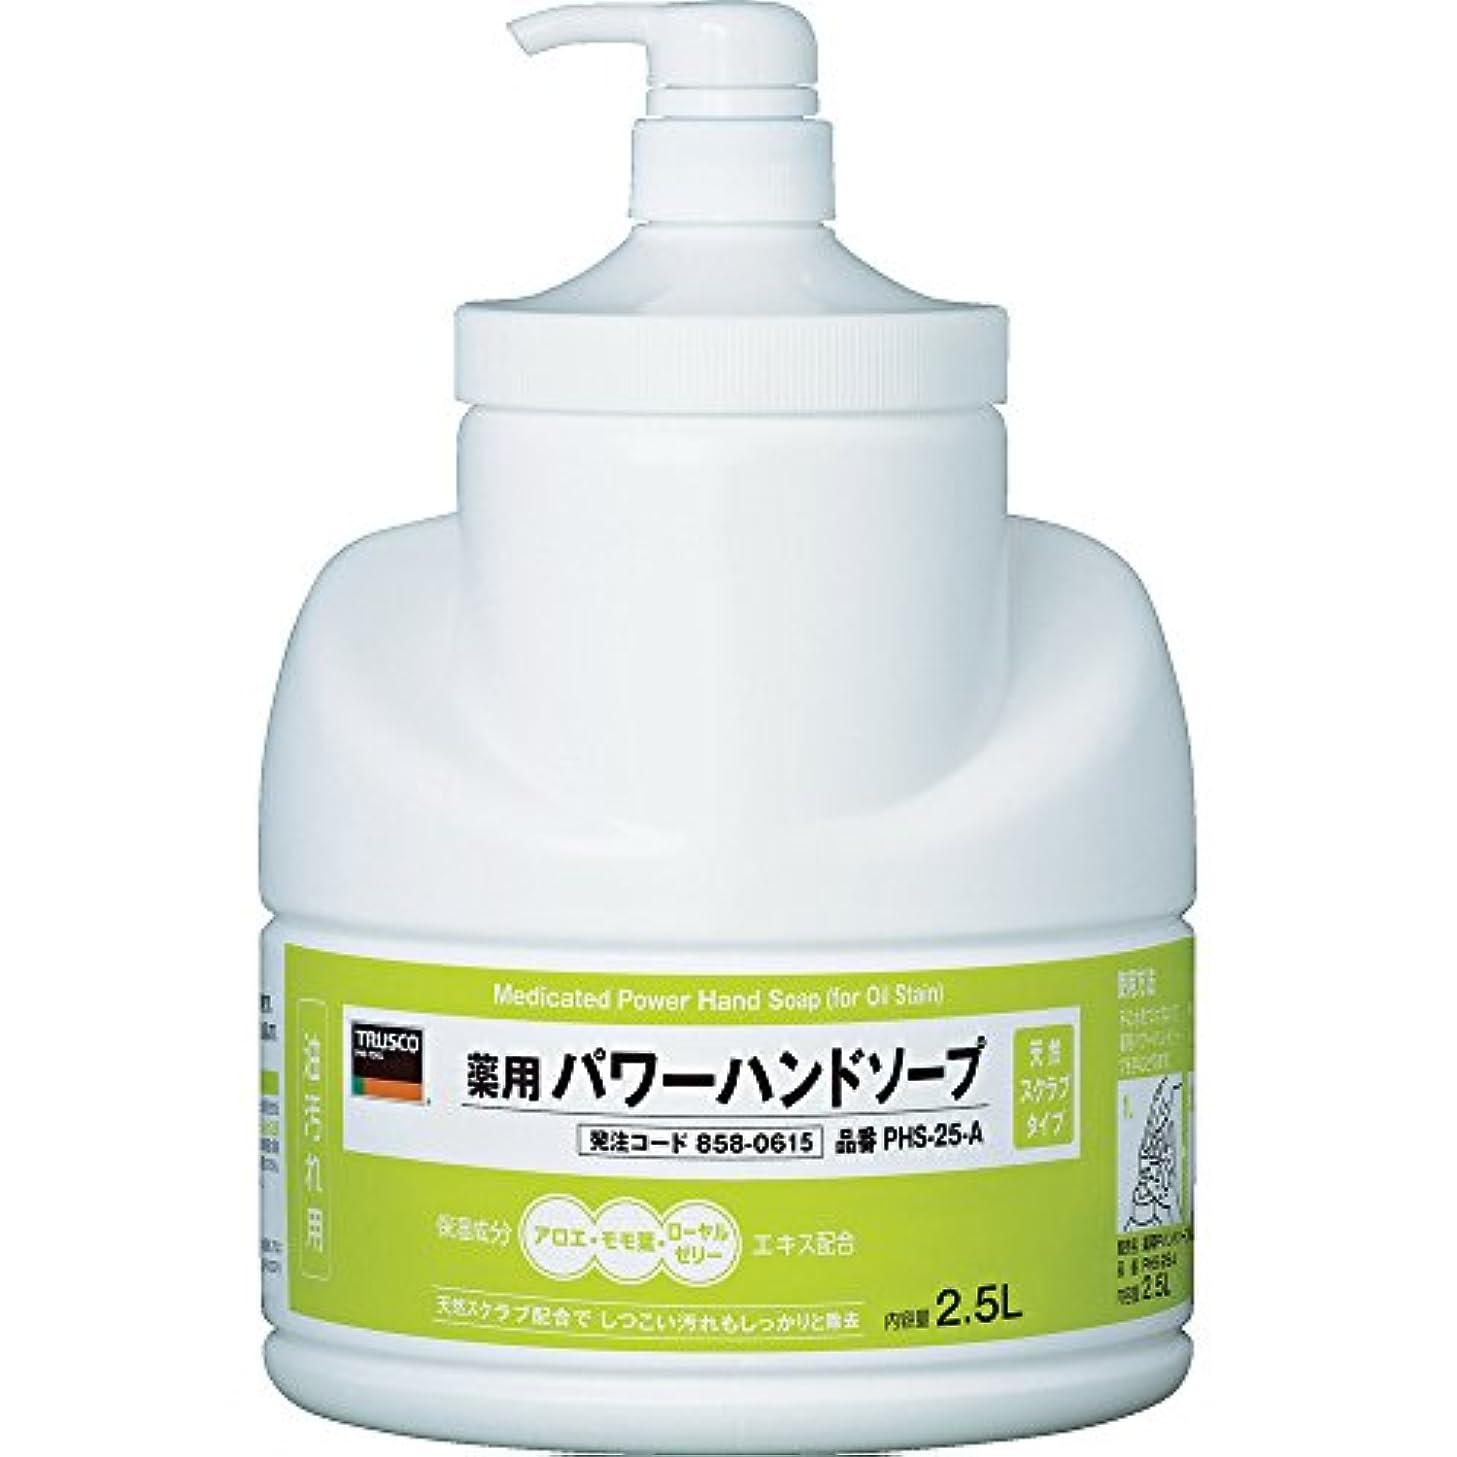 同一性非互換インフラTRUSCO(トラスコ) 薬用パワーハンドソープポンプボトル 2.5L PHS-25-A